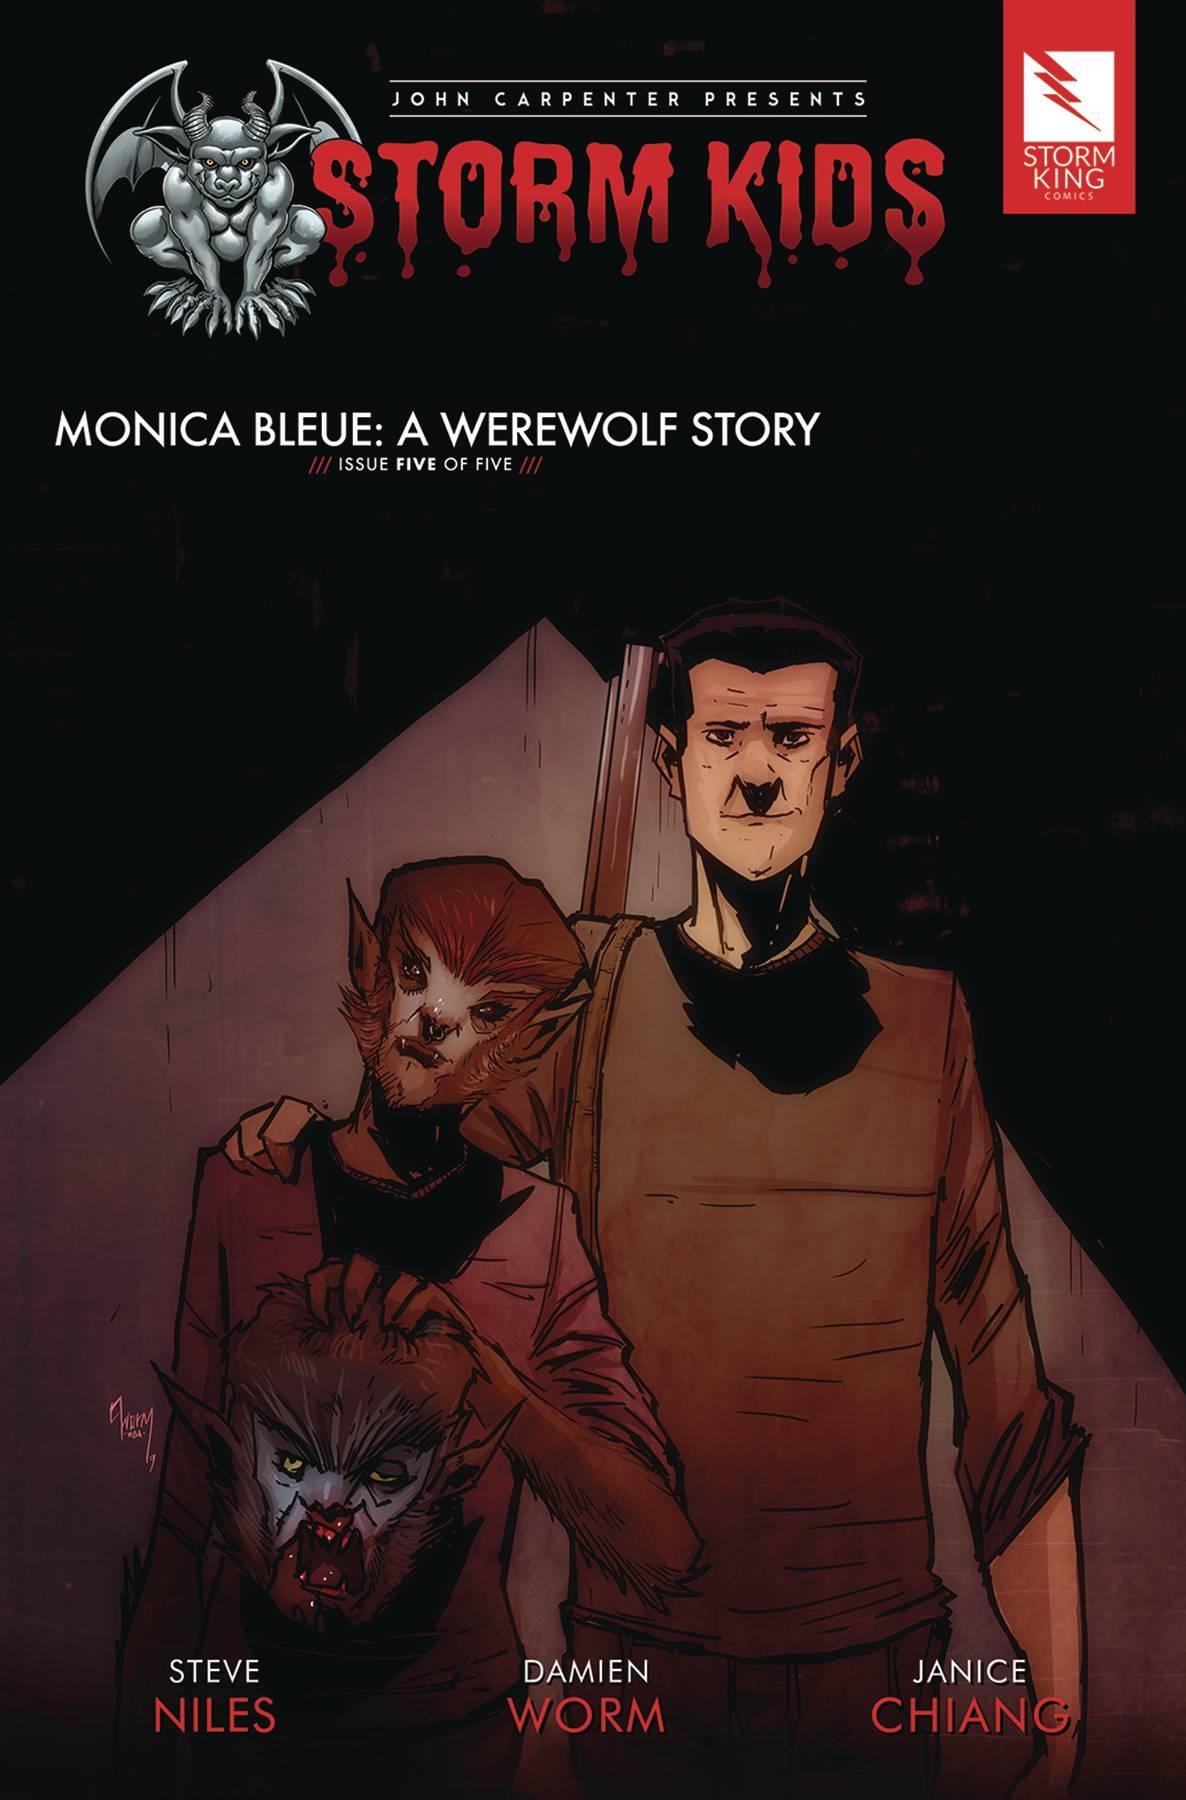 Storm Kids: Monica Bleue - A Werewolf Story #5 (2020)